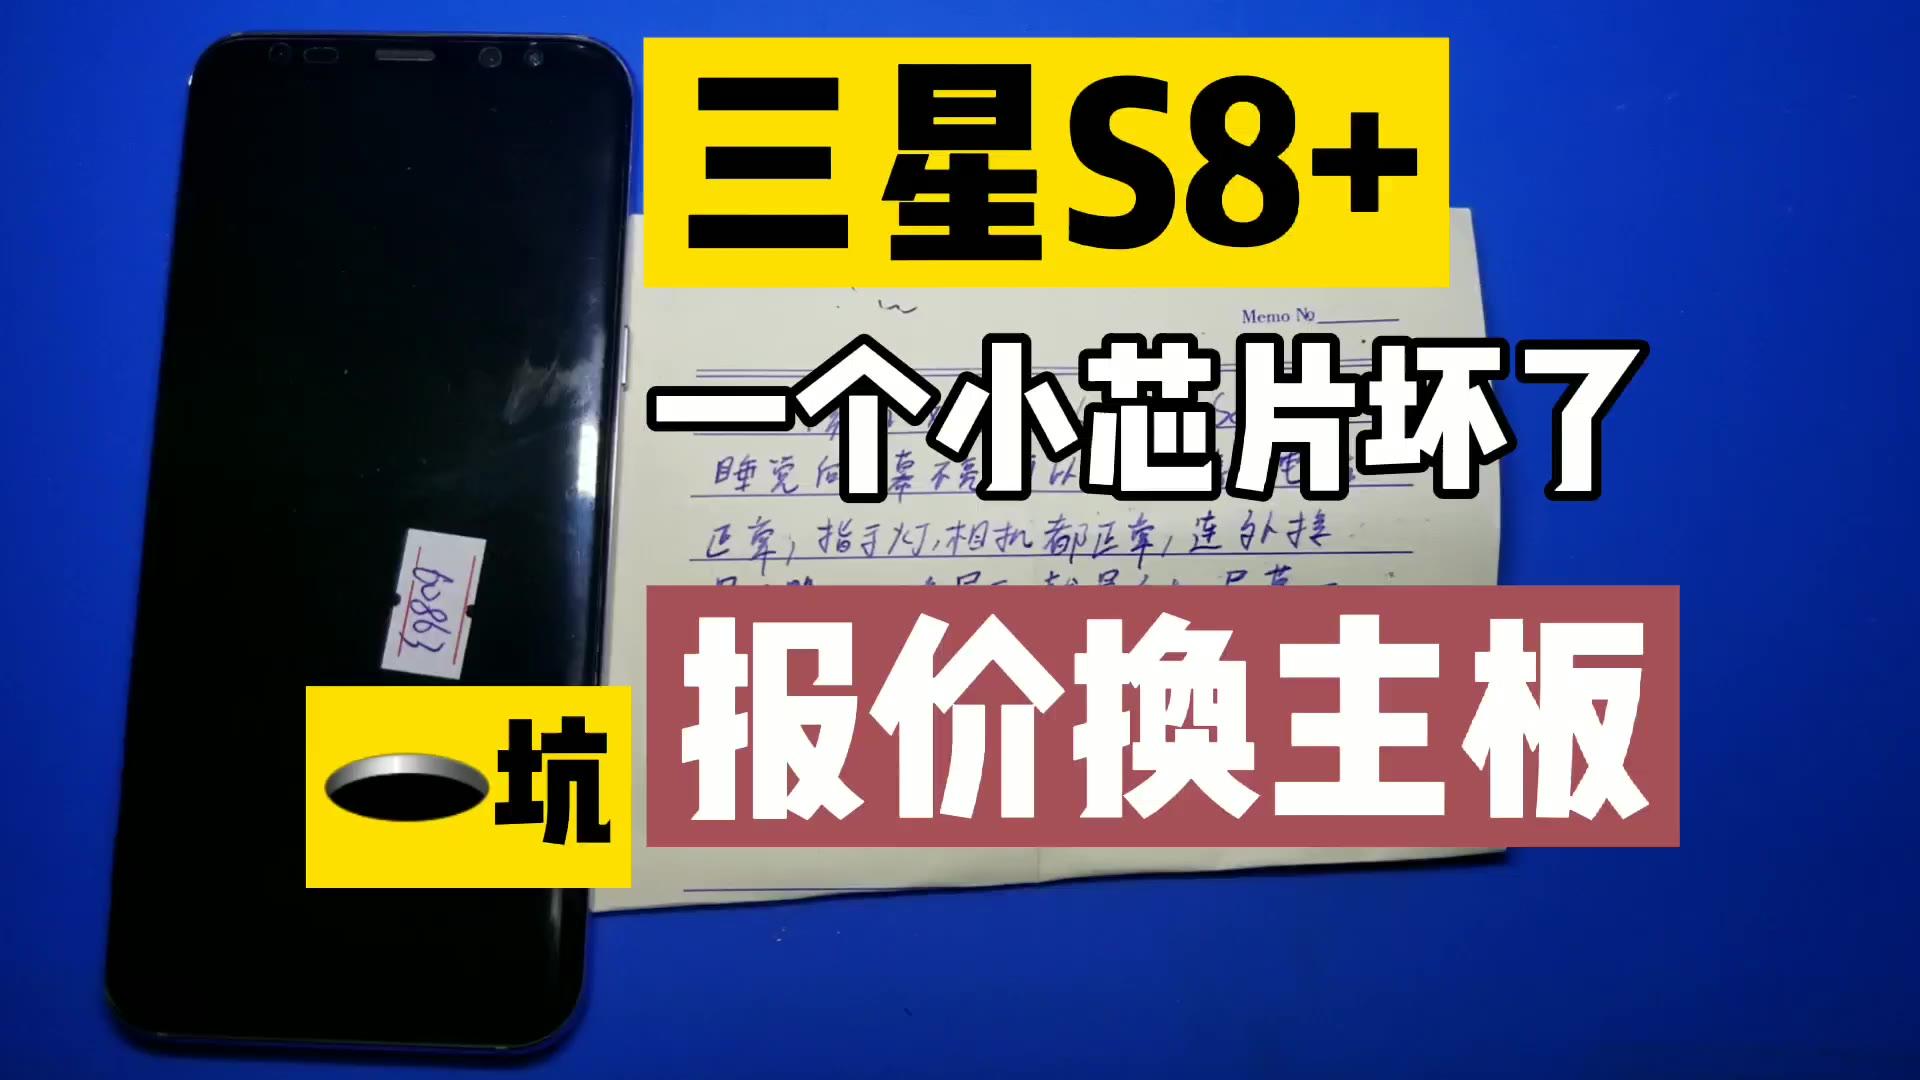 三星S8+睡了一觉醒来,屏幕不显示了,售后报价换主板,价格太吓人,那就交给我安排吧!